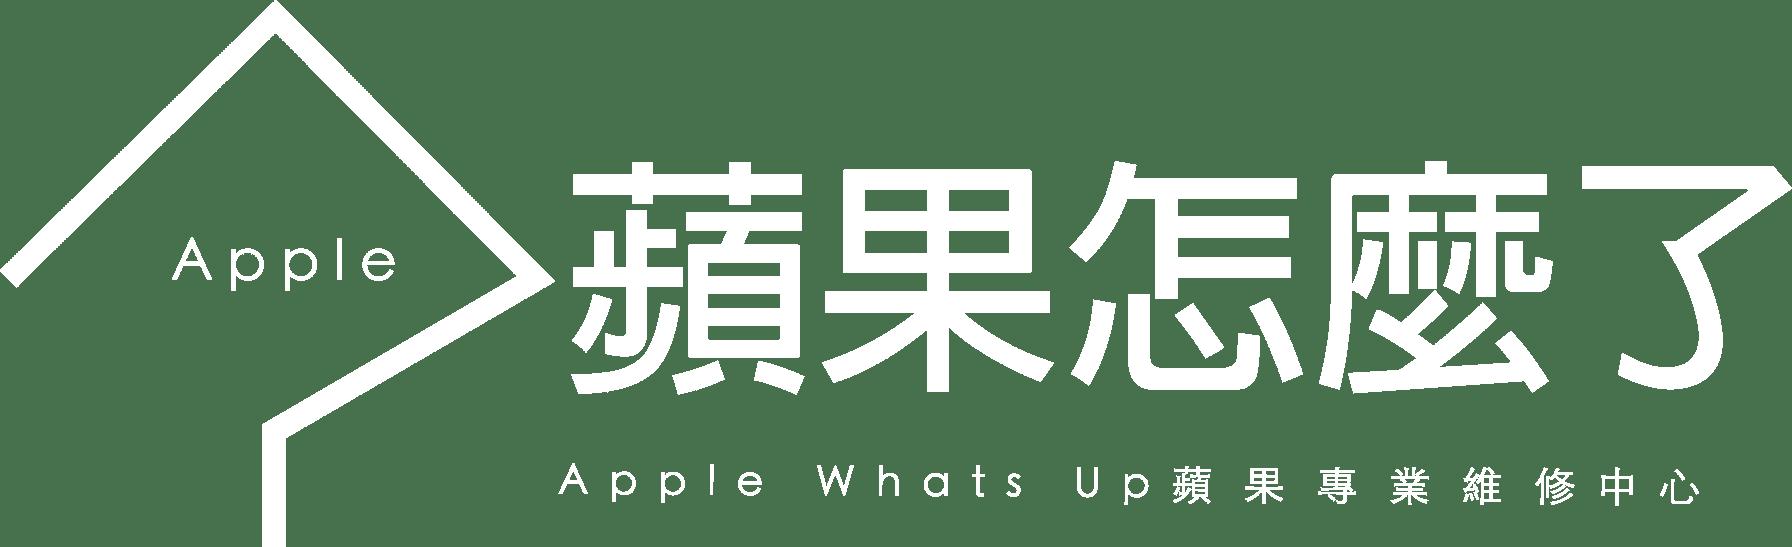 蘋果怎麼了-台中iphone維修,台中mac維修